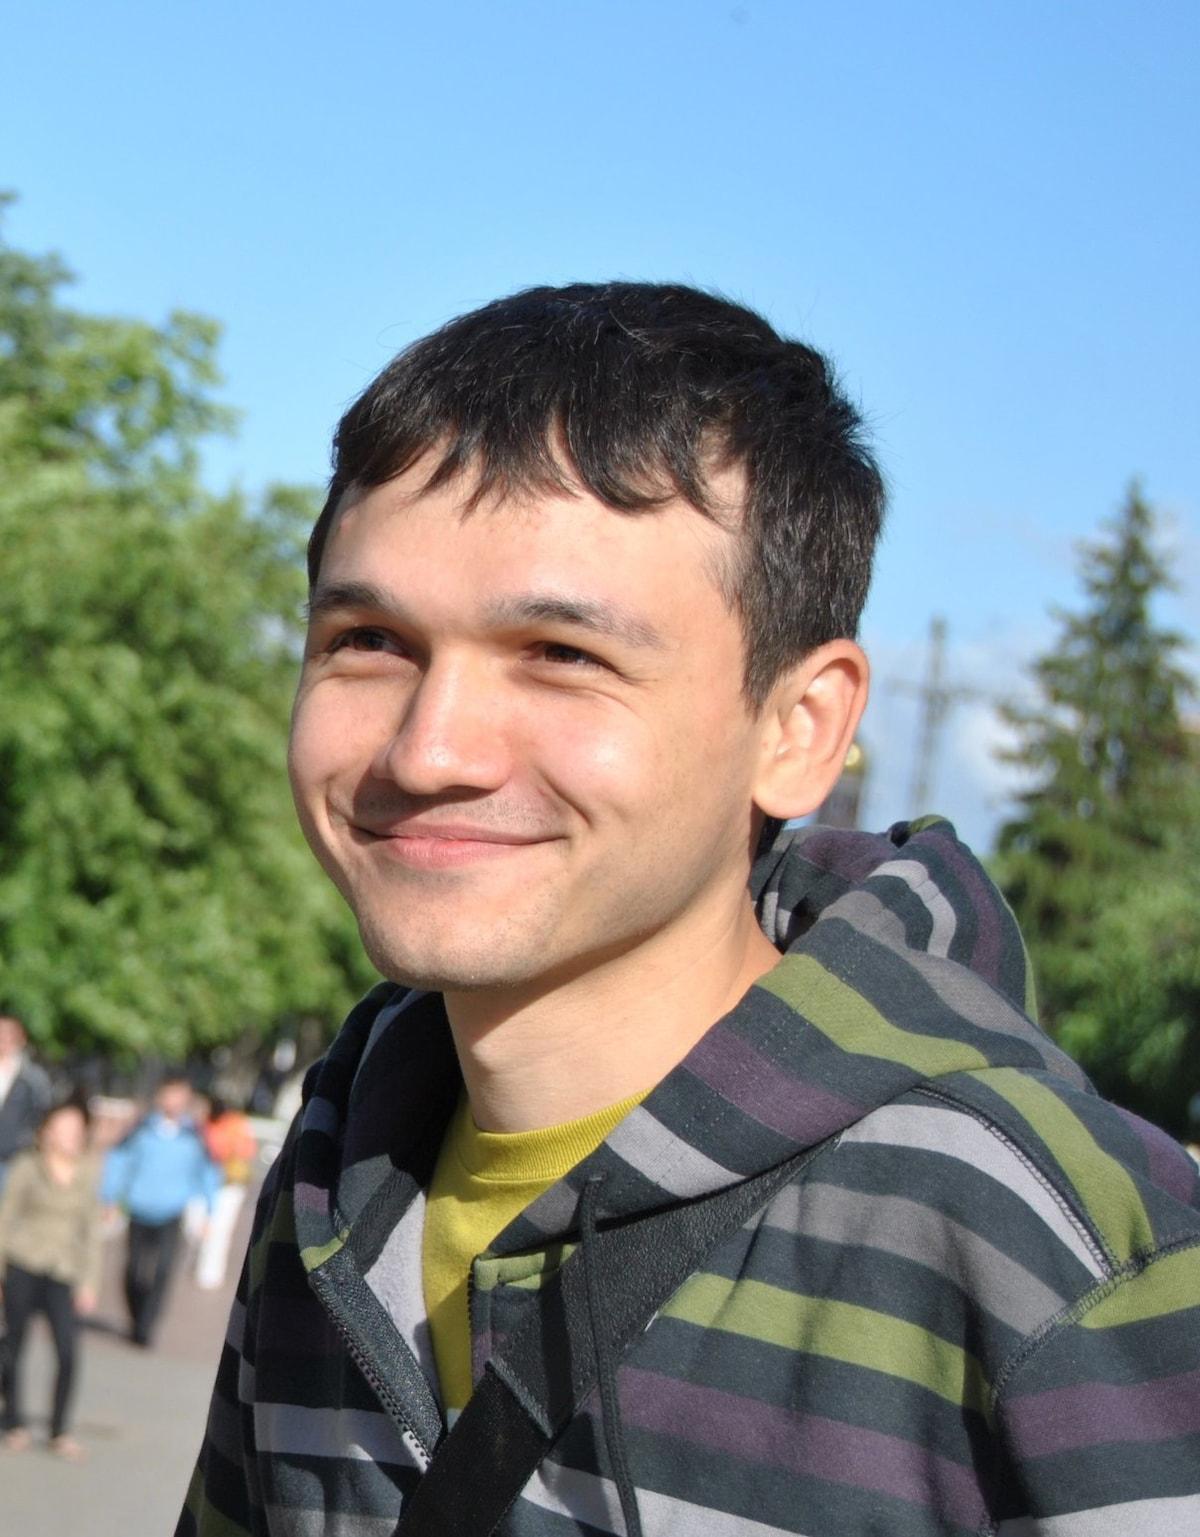 Роман from Йошкар-Ола